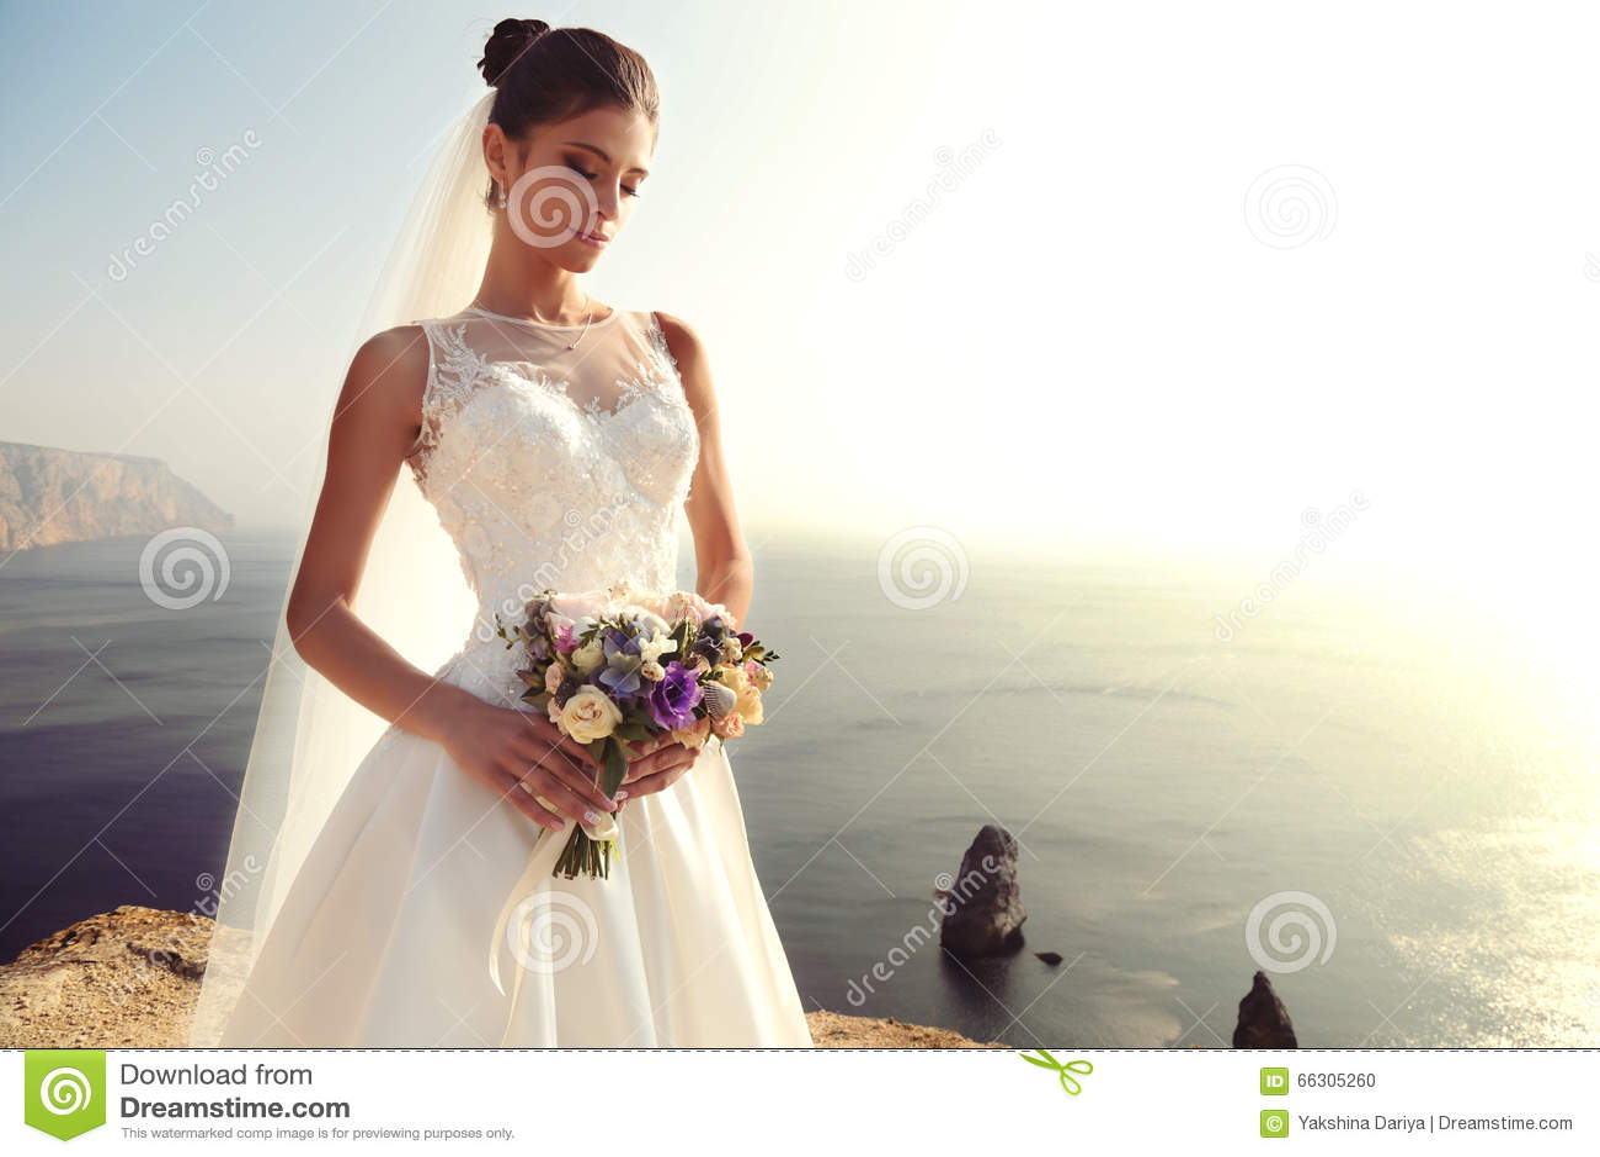 Großartig Dunkler Brautjunferkleider Zeitgenössisch - Brautkleider ...